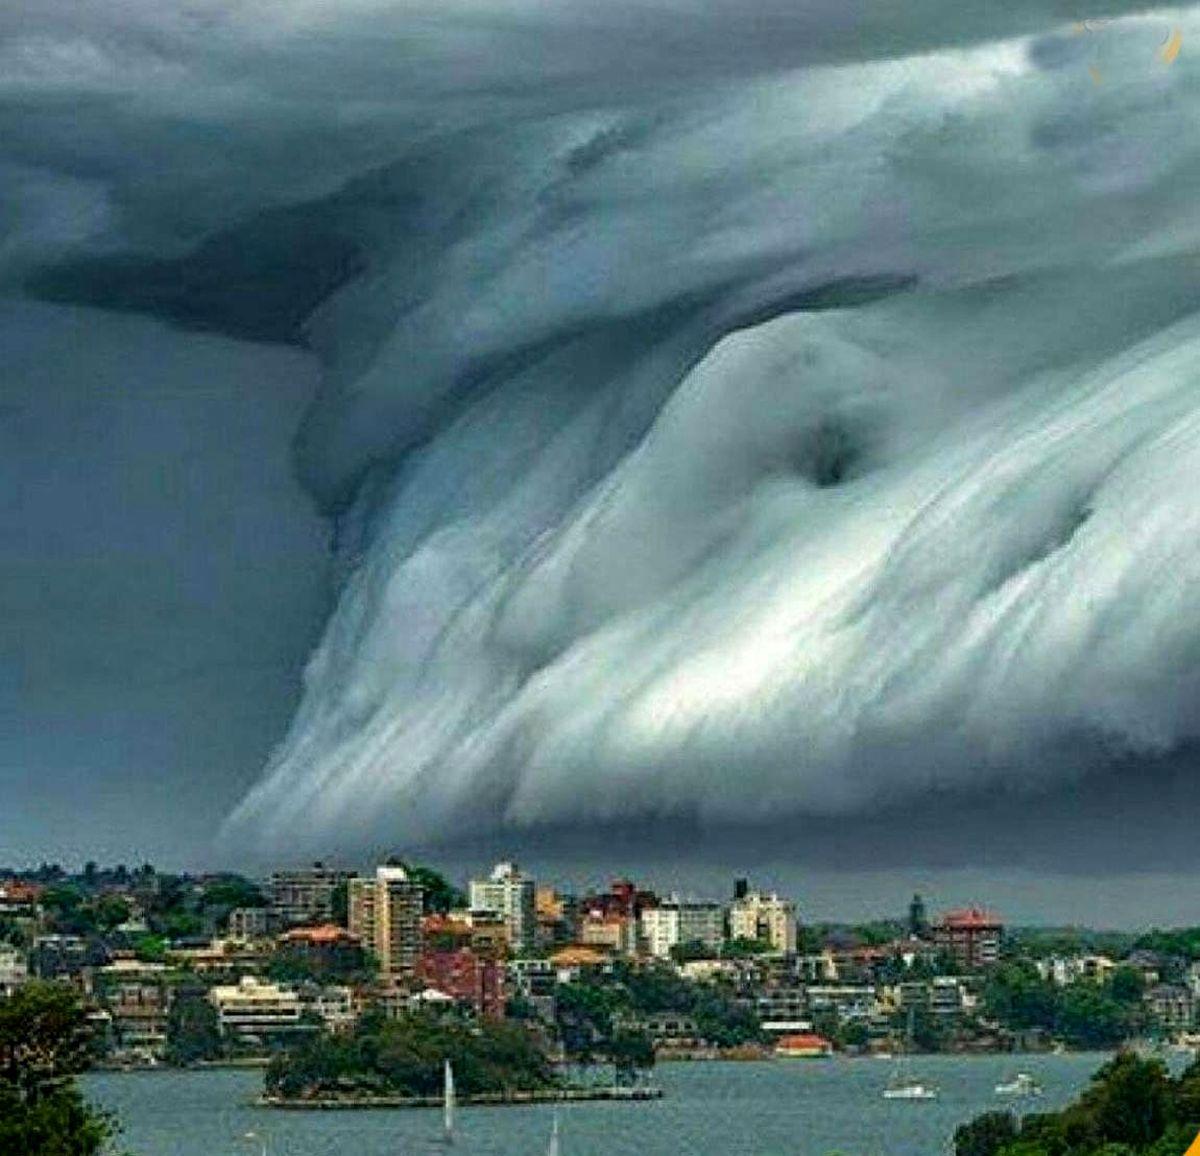 عکس کمتر دیده شده از سقوط یا سونامی ابرها